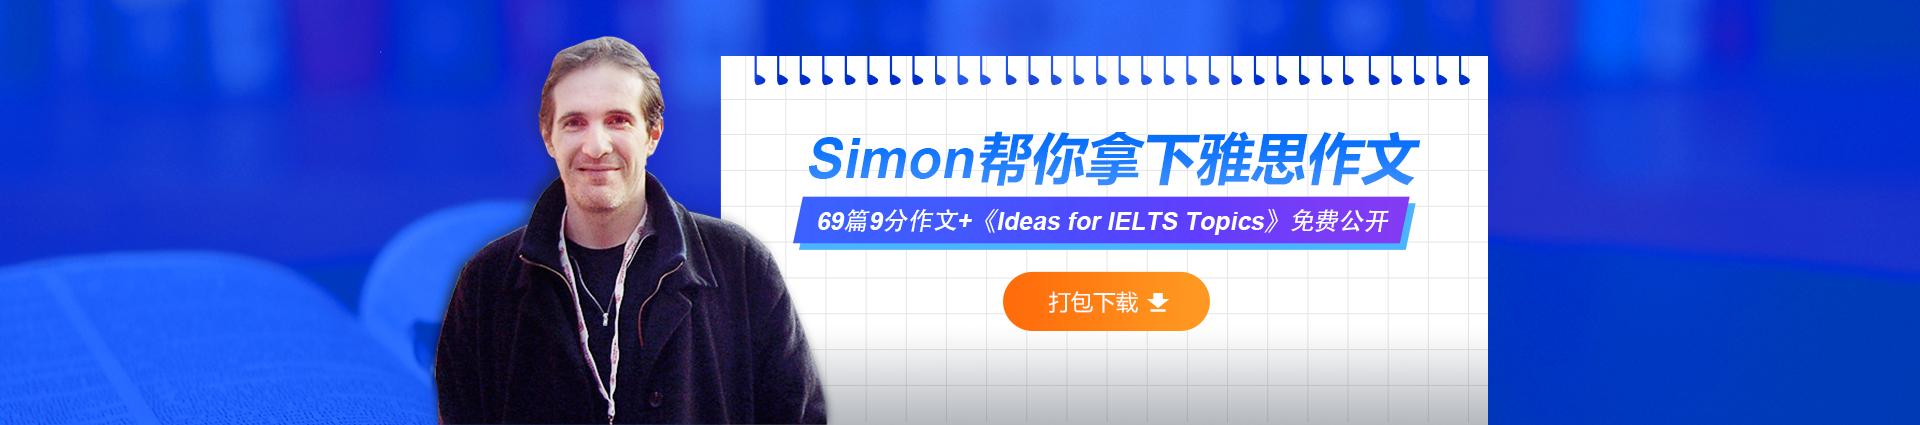 雅思Simon帮你拿下雅思作文